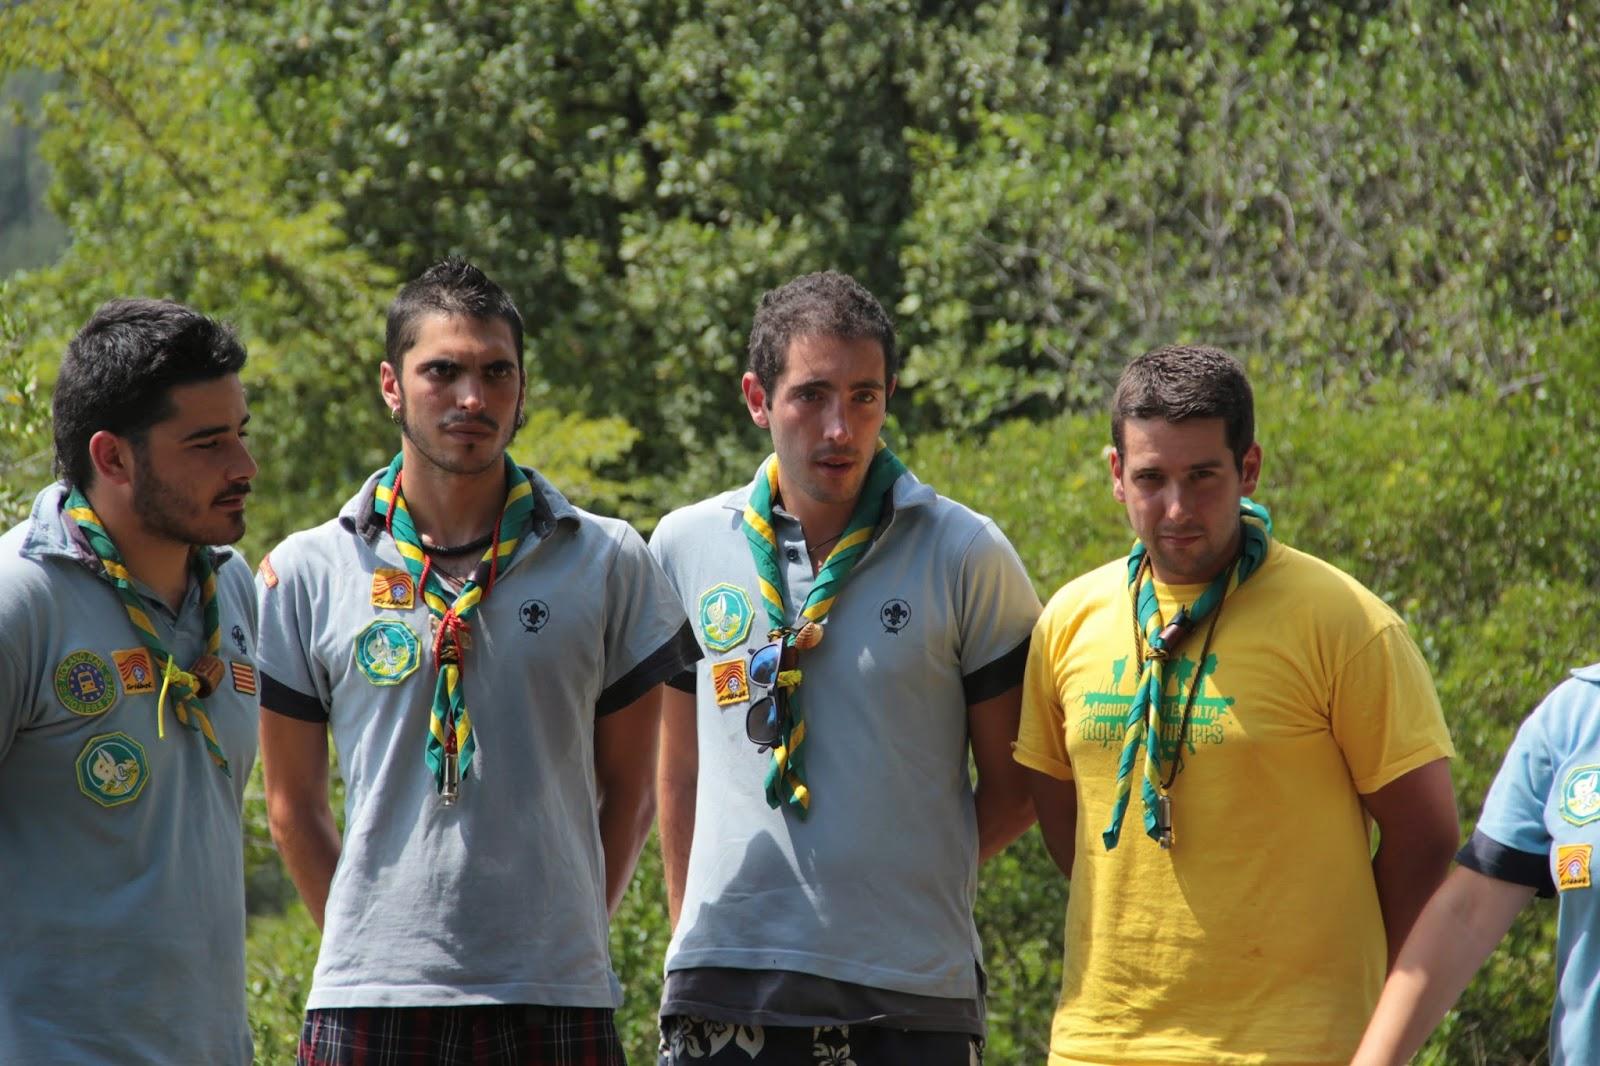 Campaments Estiu Cabanelles 2014 - IMG_1738.JPG